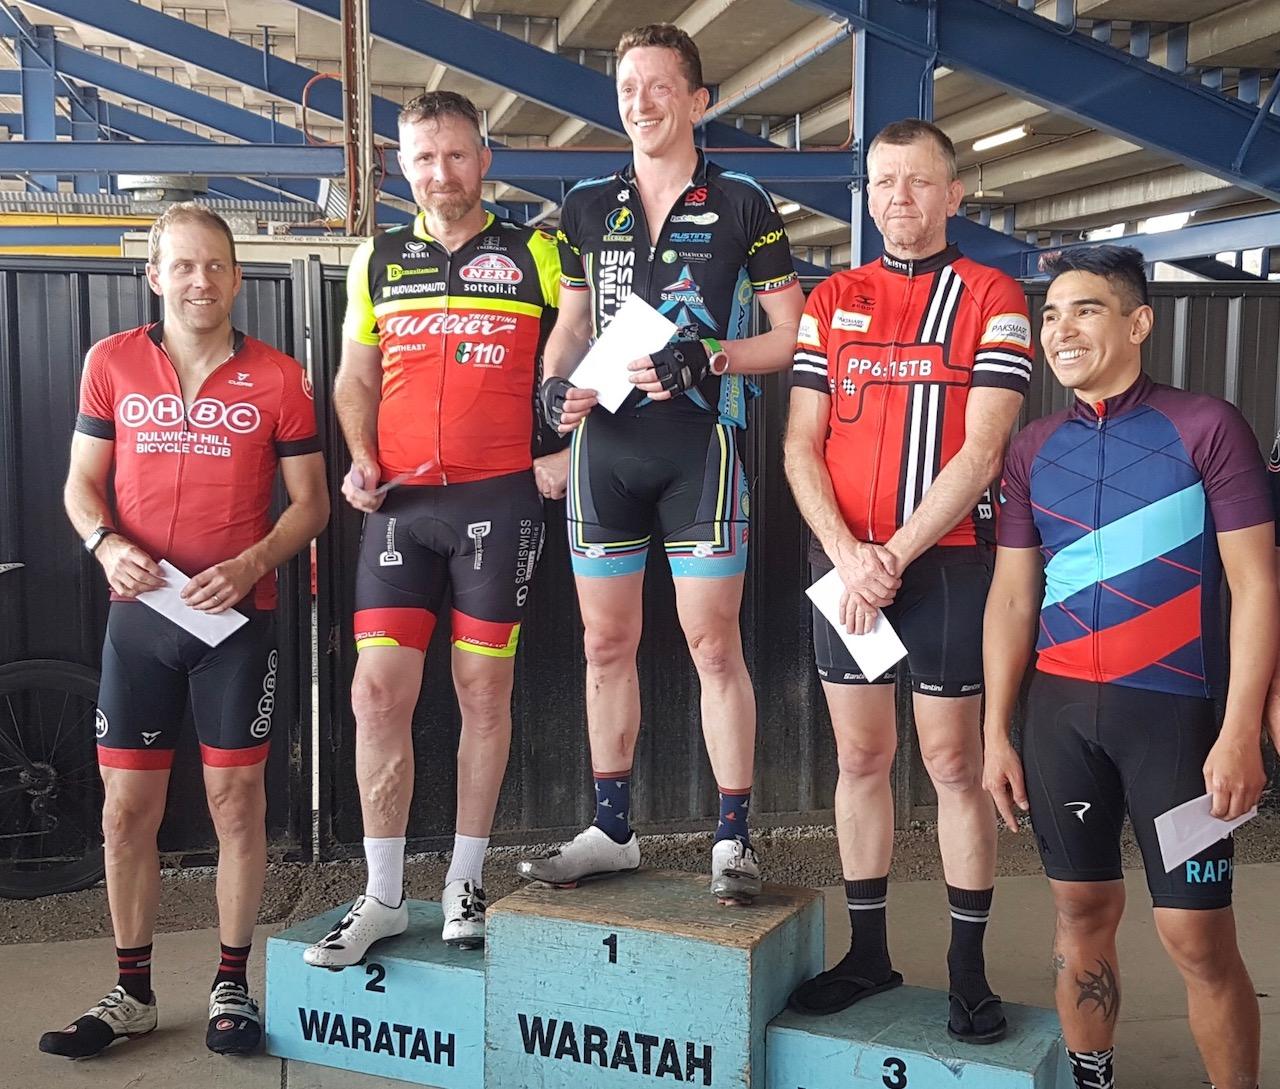 Eastern Creek Raceway (Waratah Masters) on 24 September - Tom Green (BiciSport) took a fine win in a 2 man breakaway.